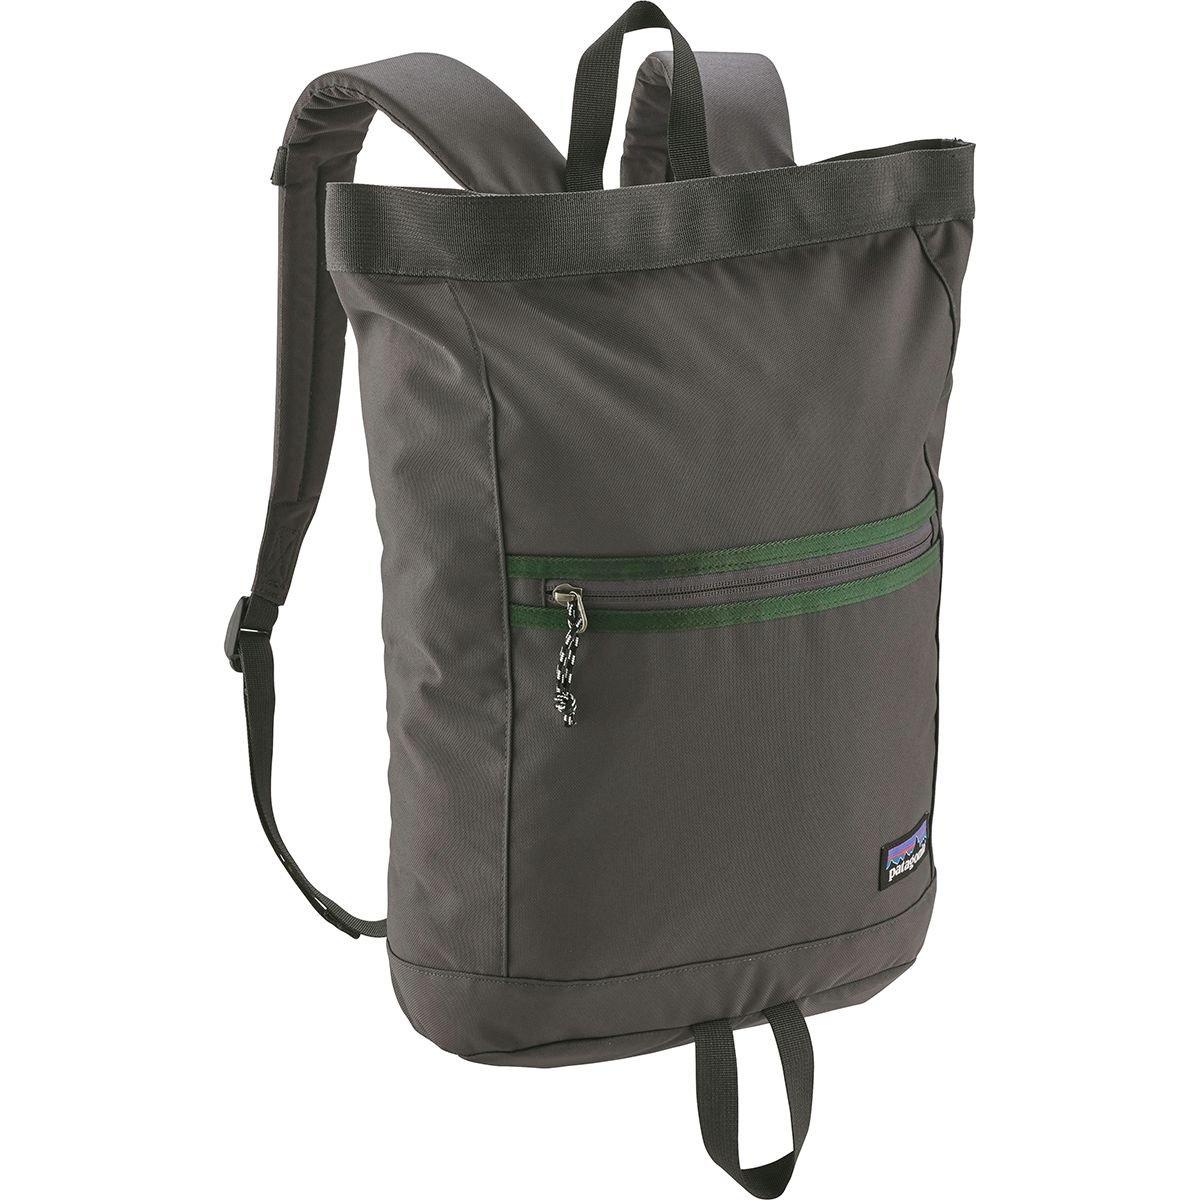 (パタゴニア) Patagonia Arbor Market 15L Daypackメンズ バックパック リュック Forge Grey [並行輸入品] One Size  B07F9Q1WJ9